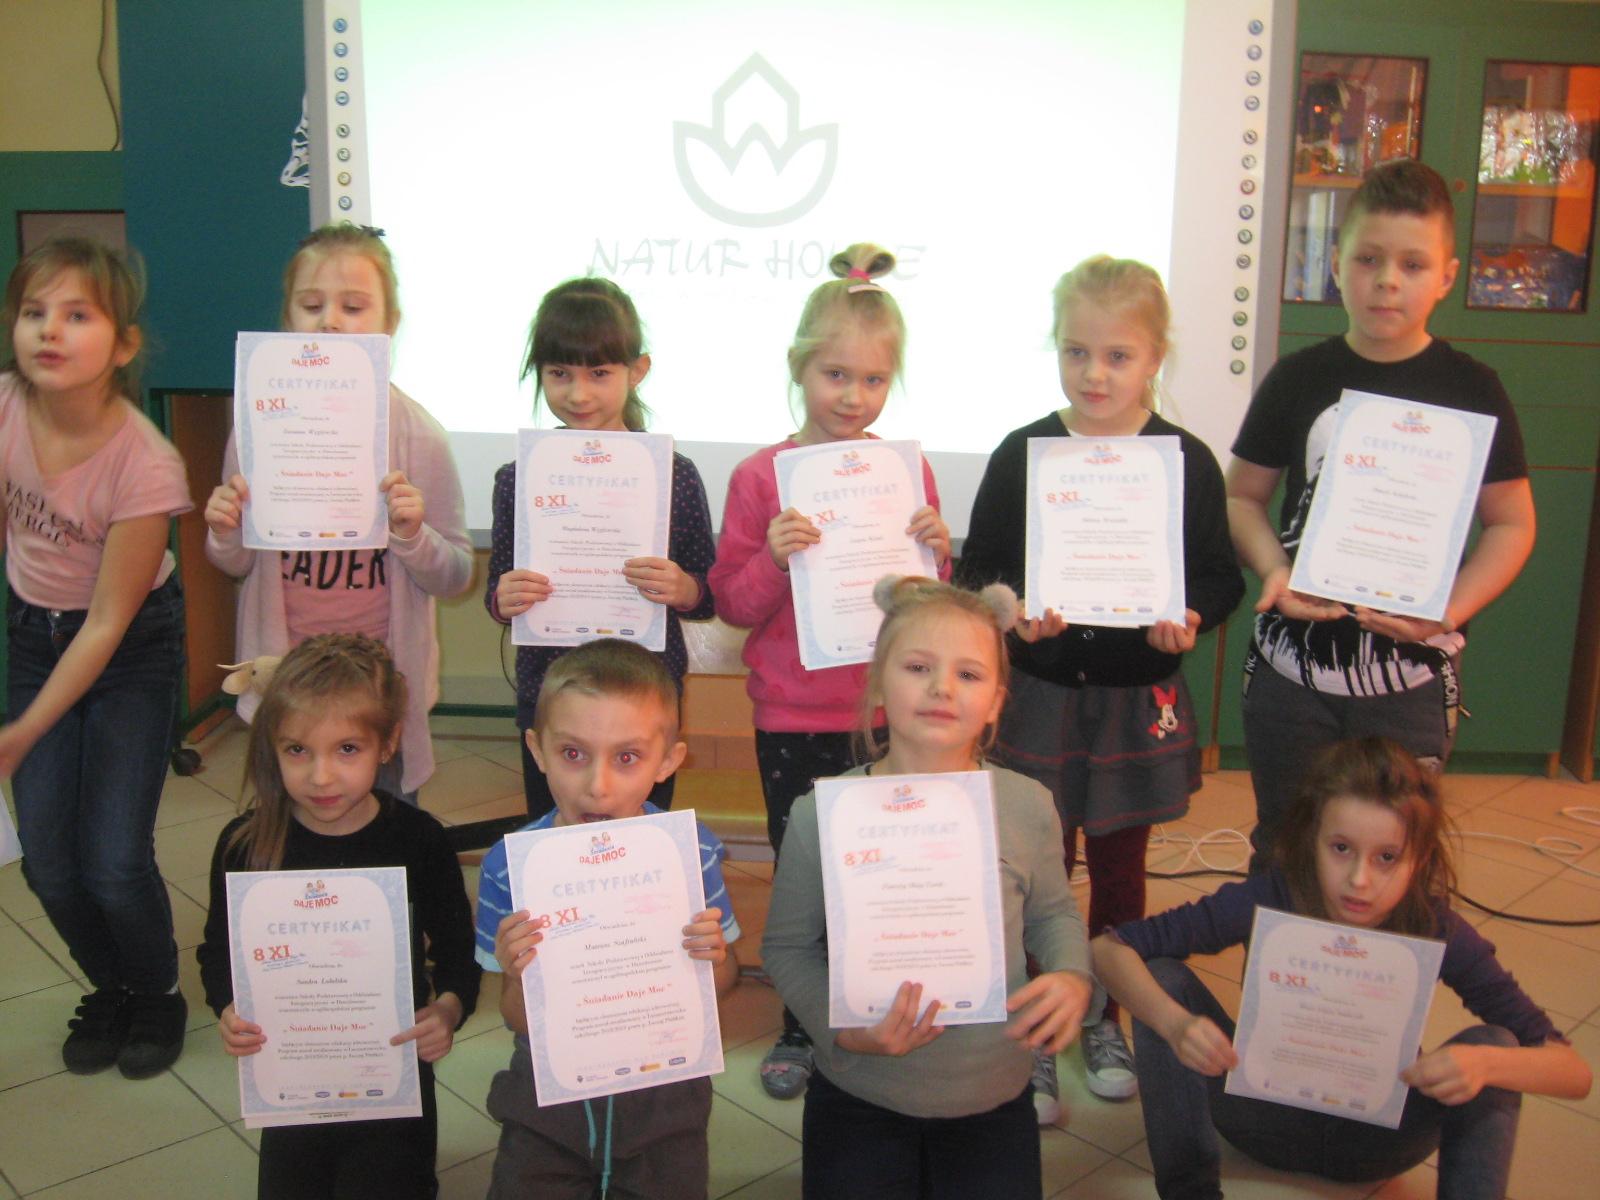 Dzieci prezentują zdobyte dyplomy.